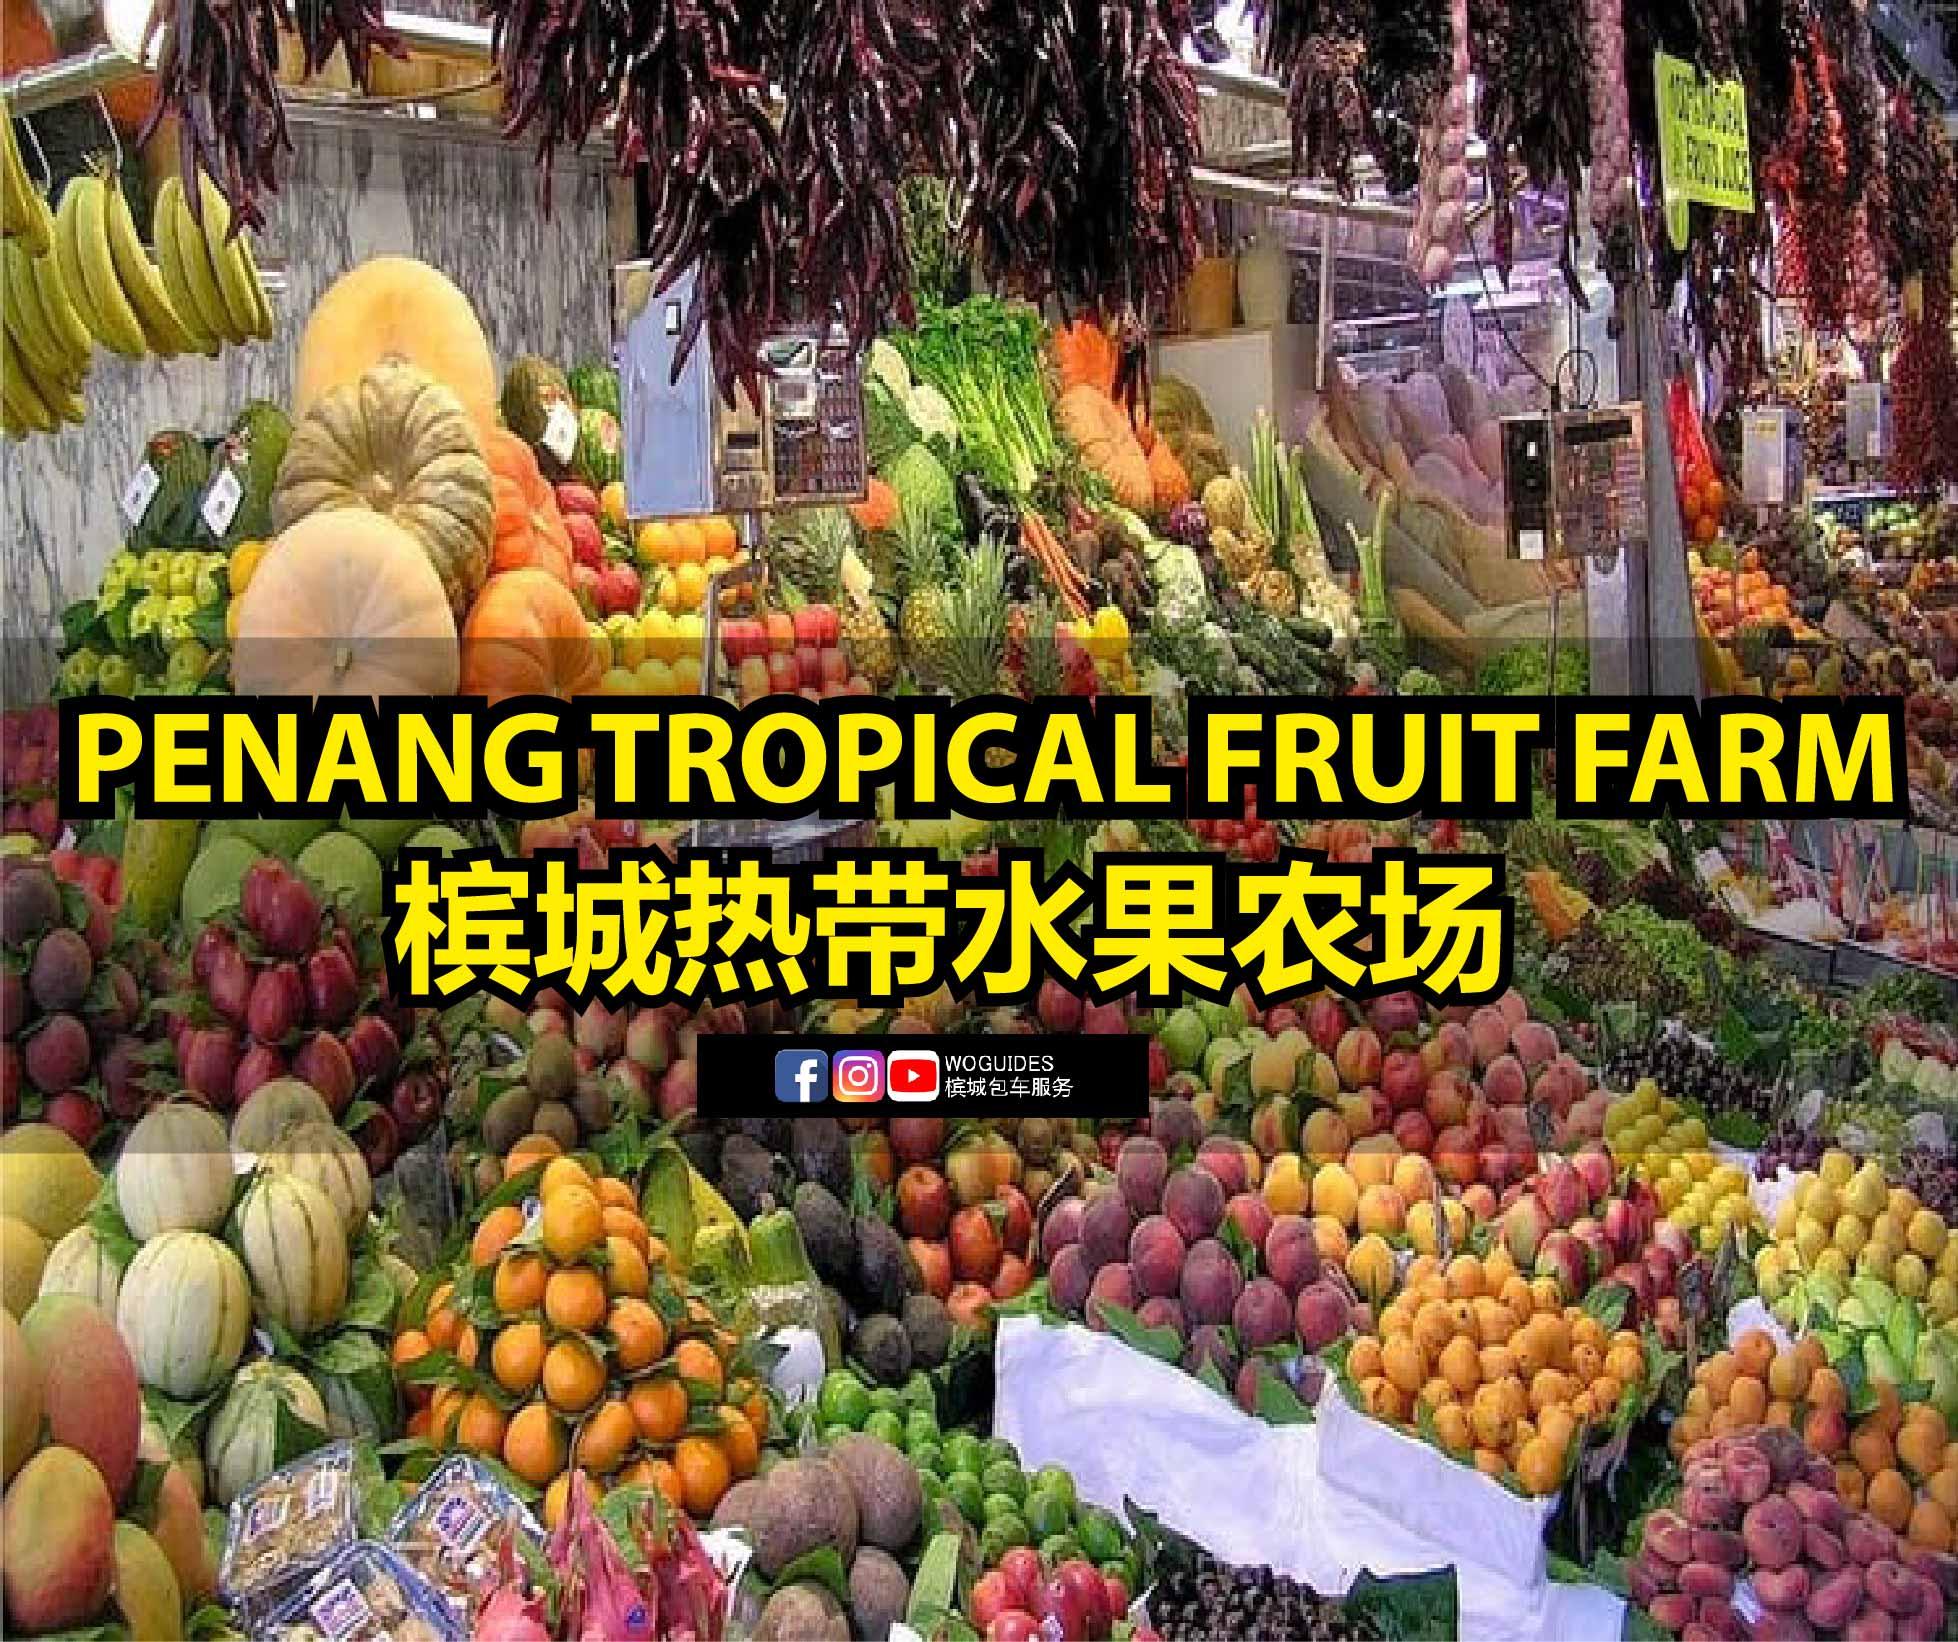 penang van rental - penang tropical fruit farm (cover)